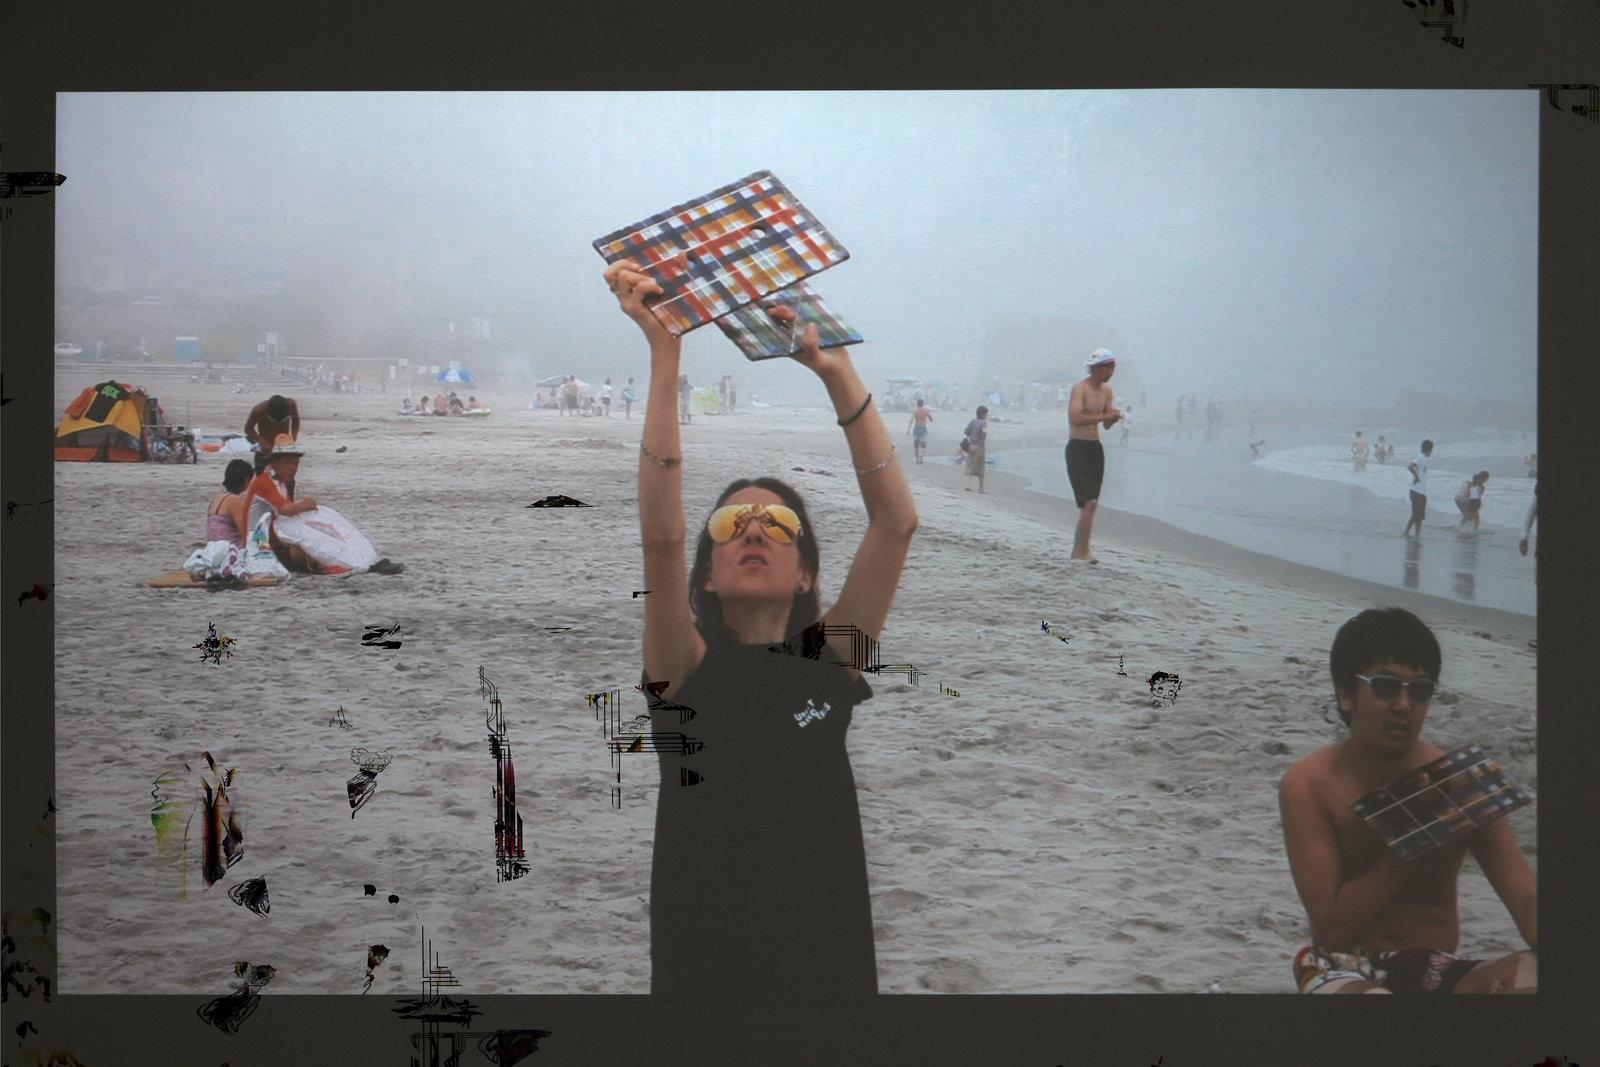 Kerstin Brätsch, Taiyo no tate, 2012, DAS INSTITUT - UNITED BROTHERS, Filmstill